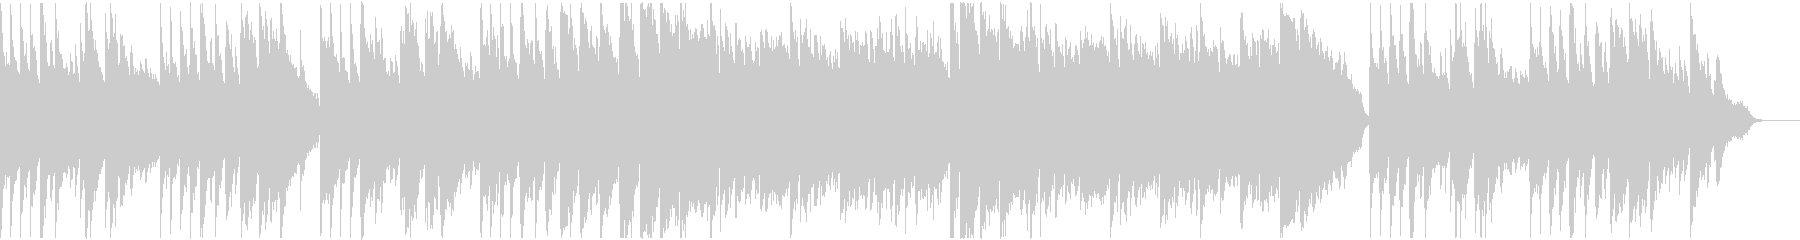 ピアノ主体のキラキラしたヒーリングの未再生の波形